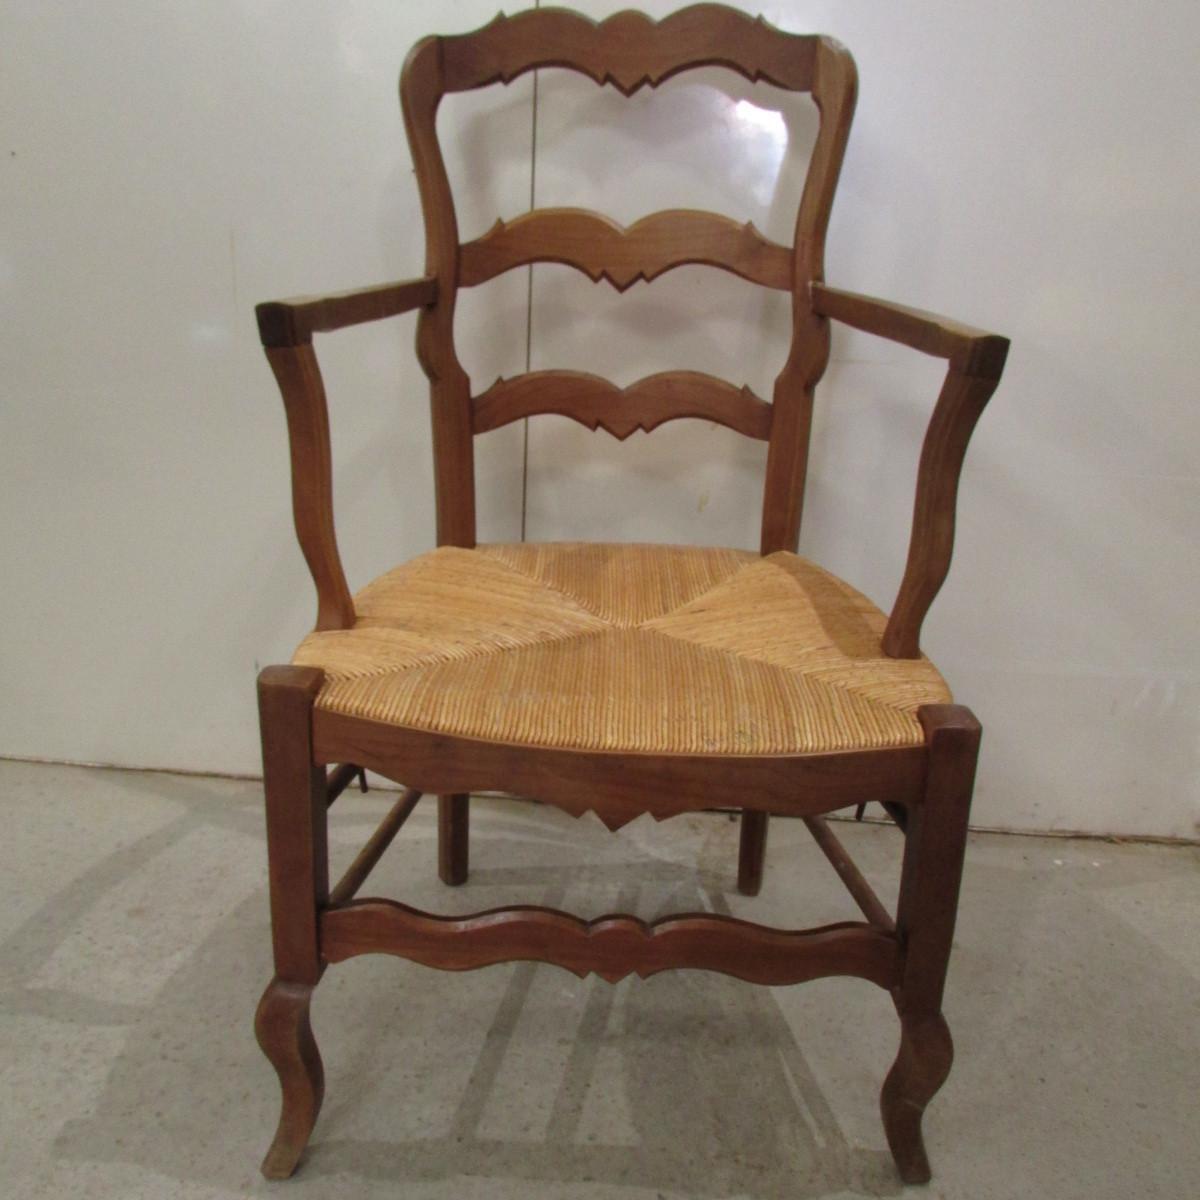 Fauteuils anciens paill s l 39 me du meuble ancien restaur - Meuble ancien restaure ...